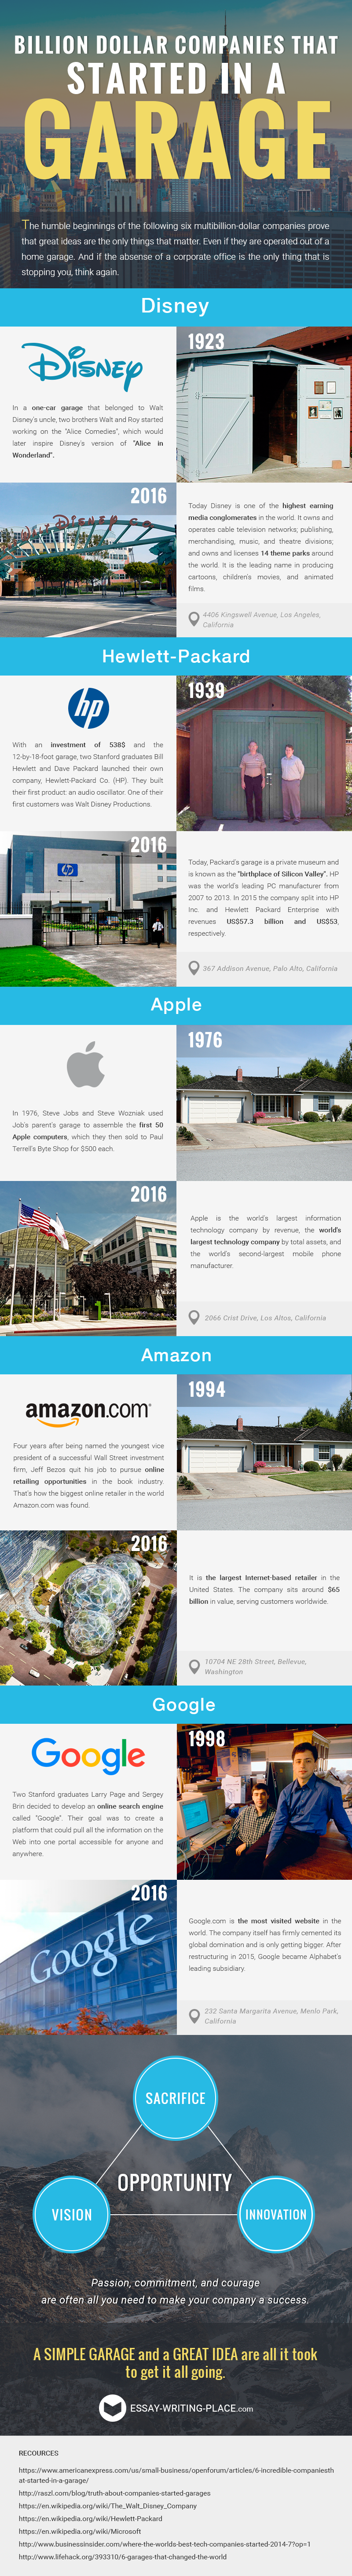 Billion Dollar Companies that Started in Garage